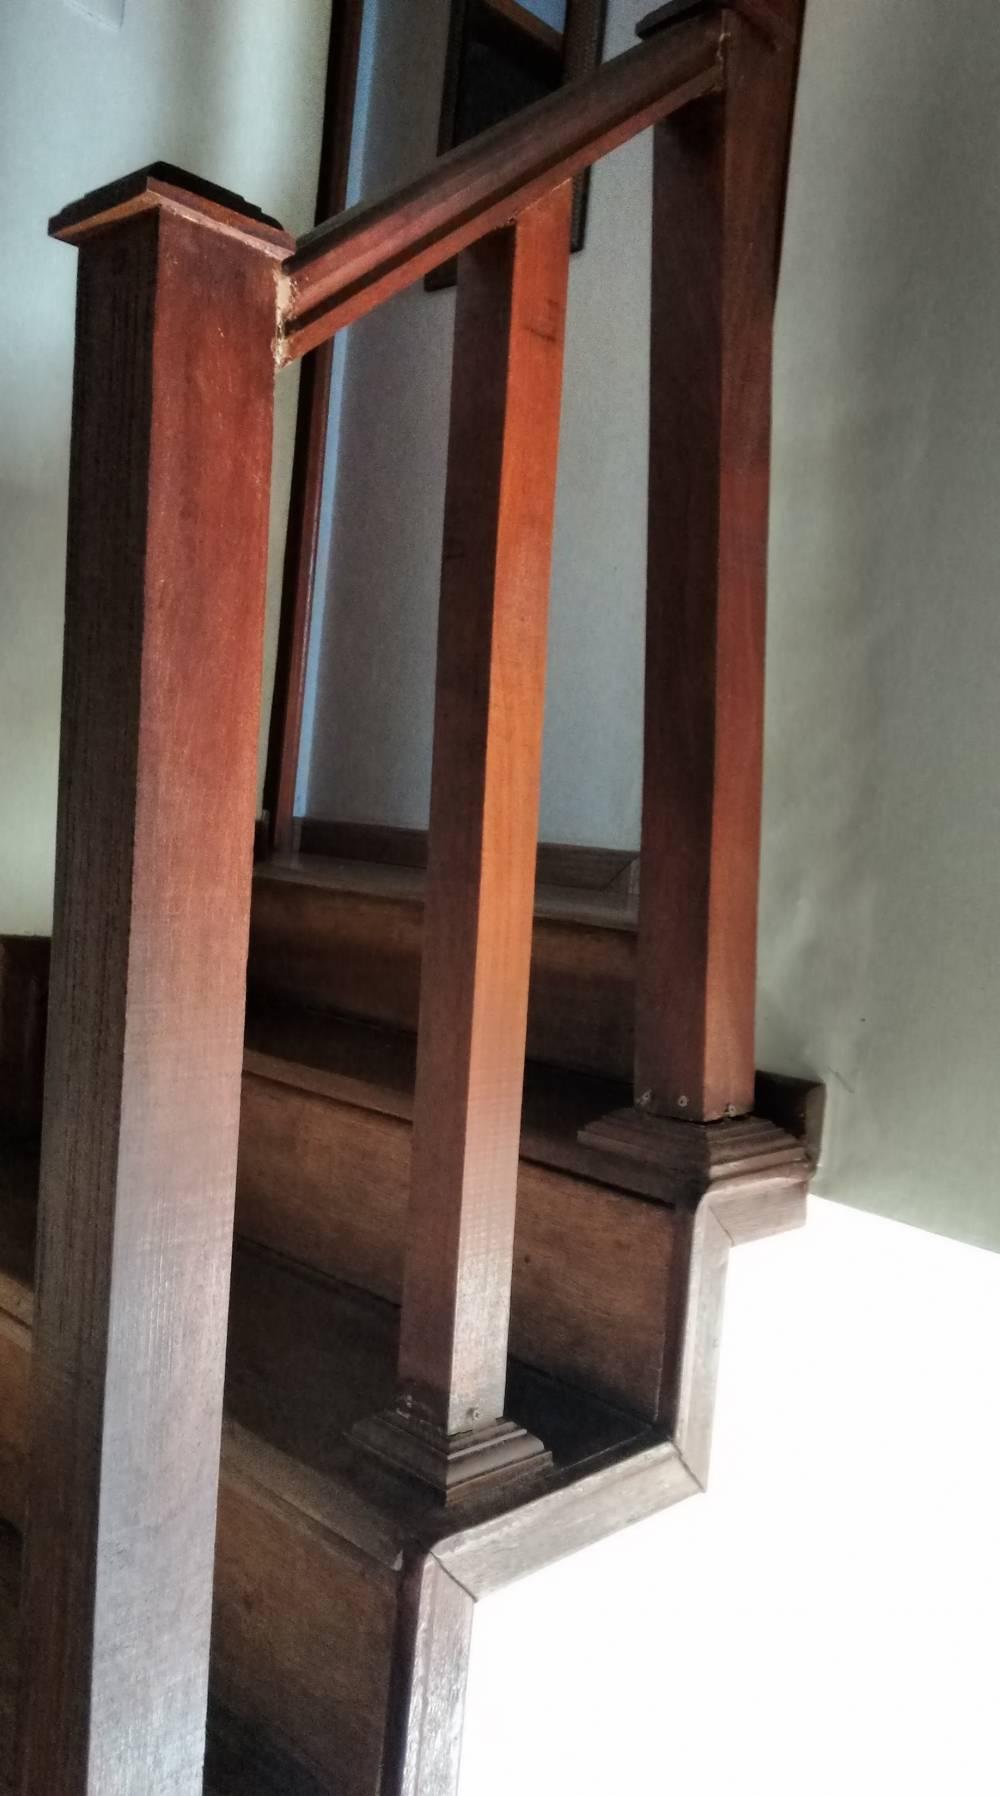 Empresa Que Faça Pequenos Reparos Residenciais na Vila Vivaldi - Empresa de Reparos Residenciais